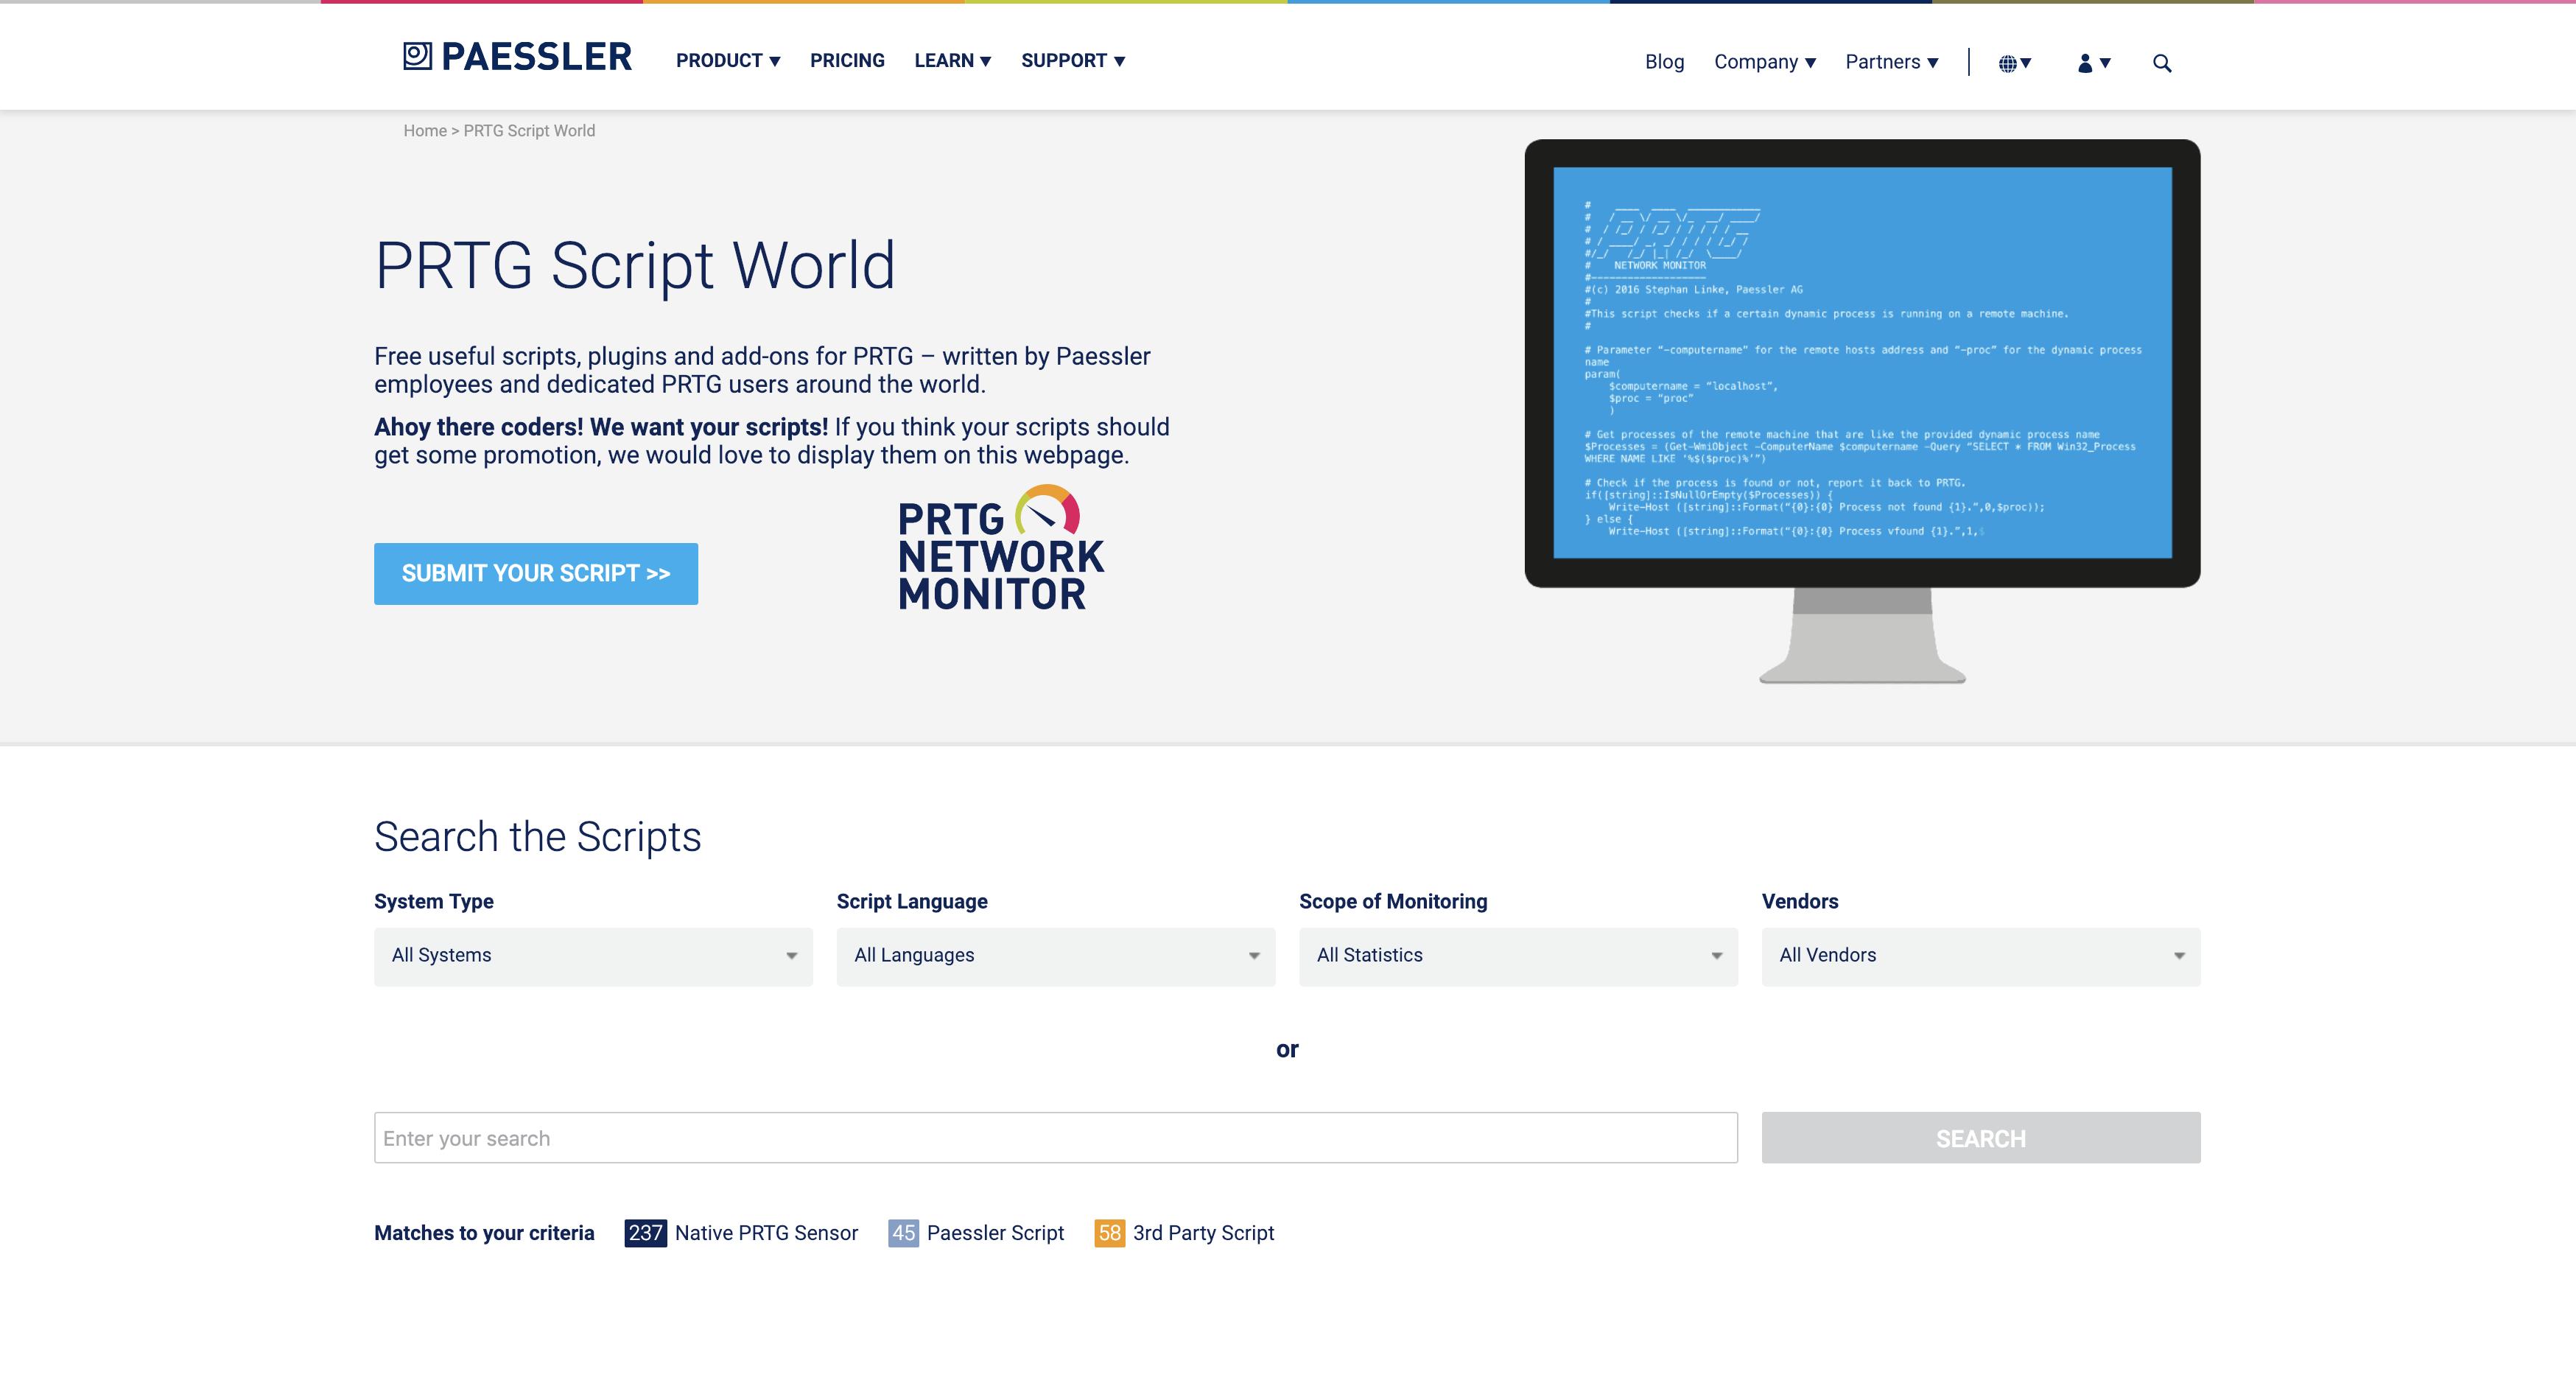 Die PRTG Script World